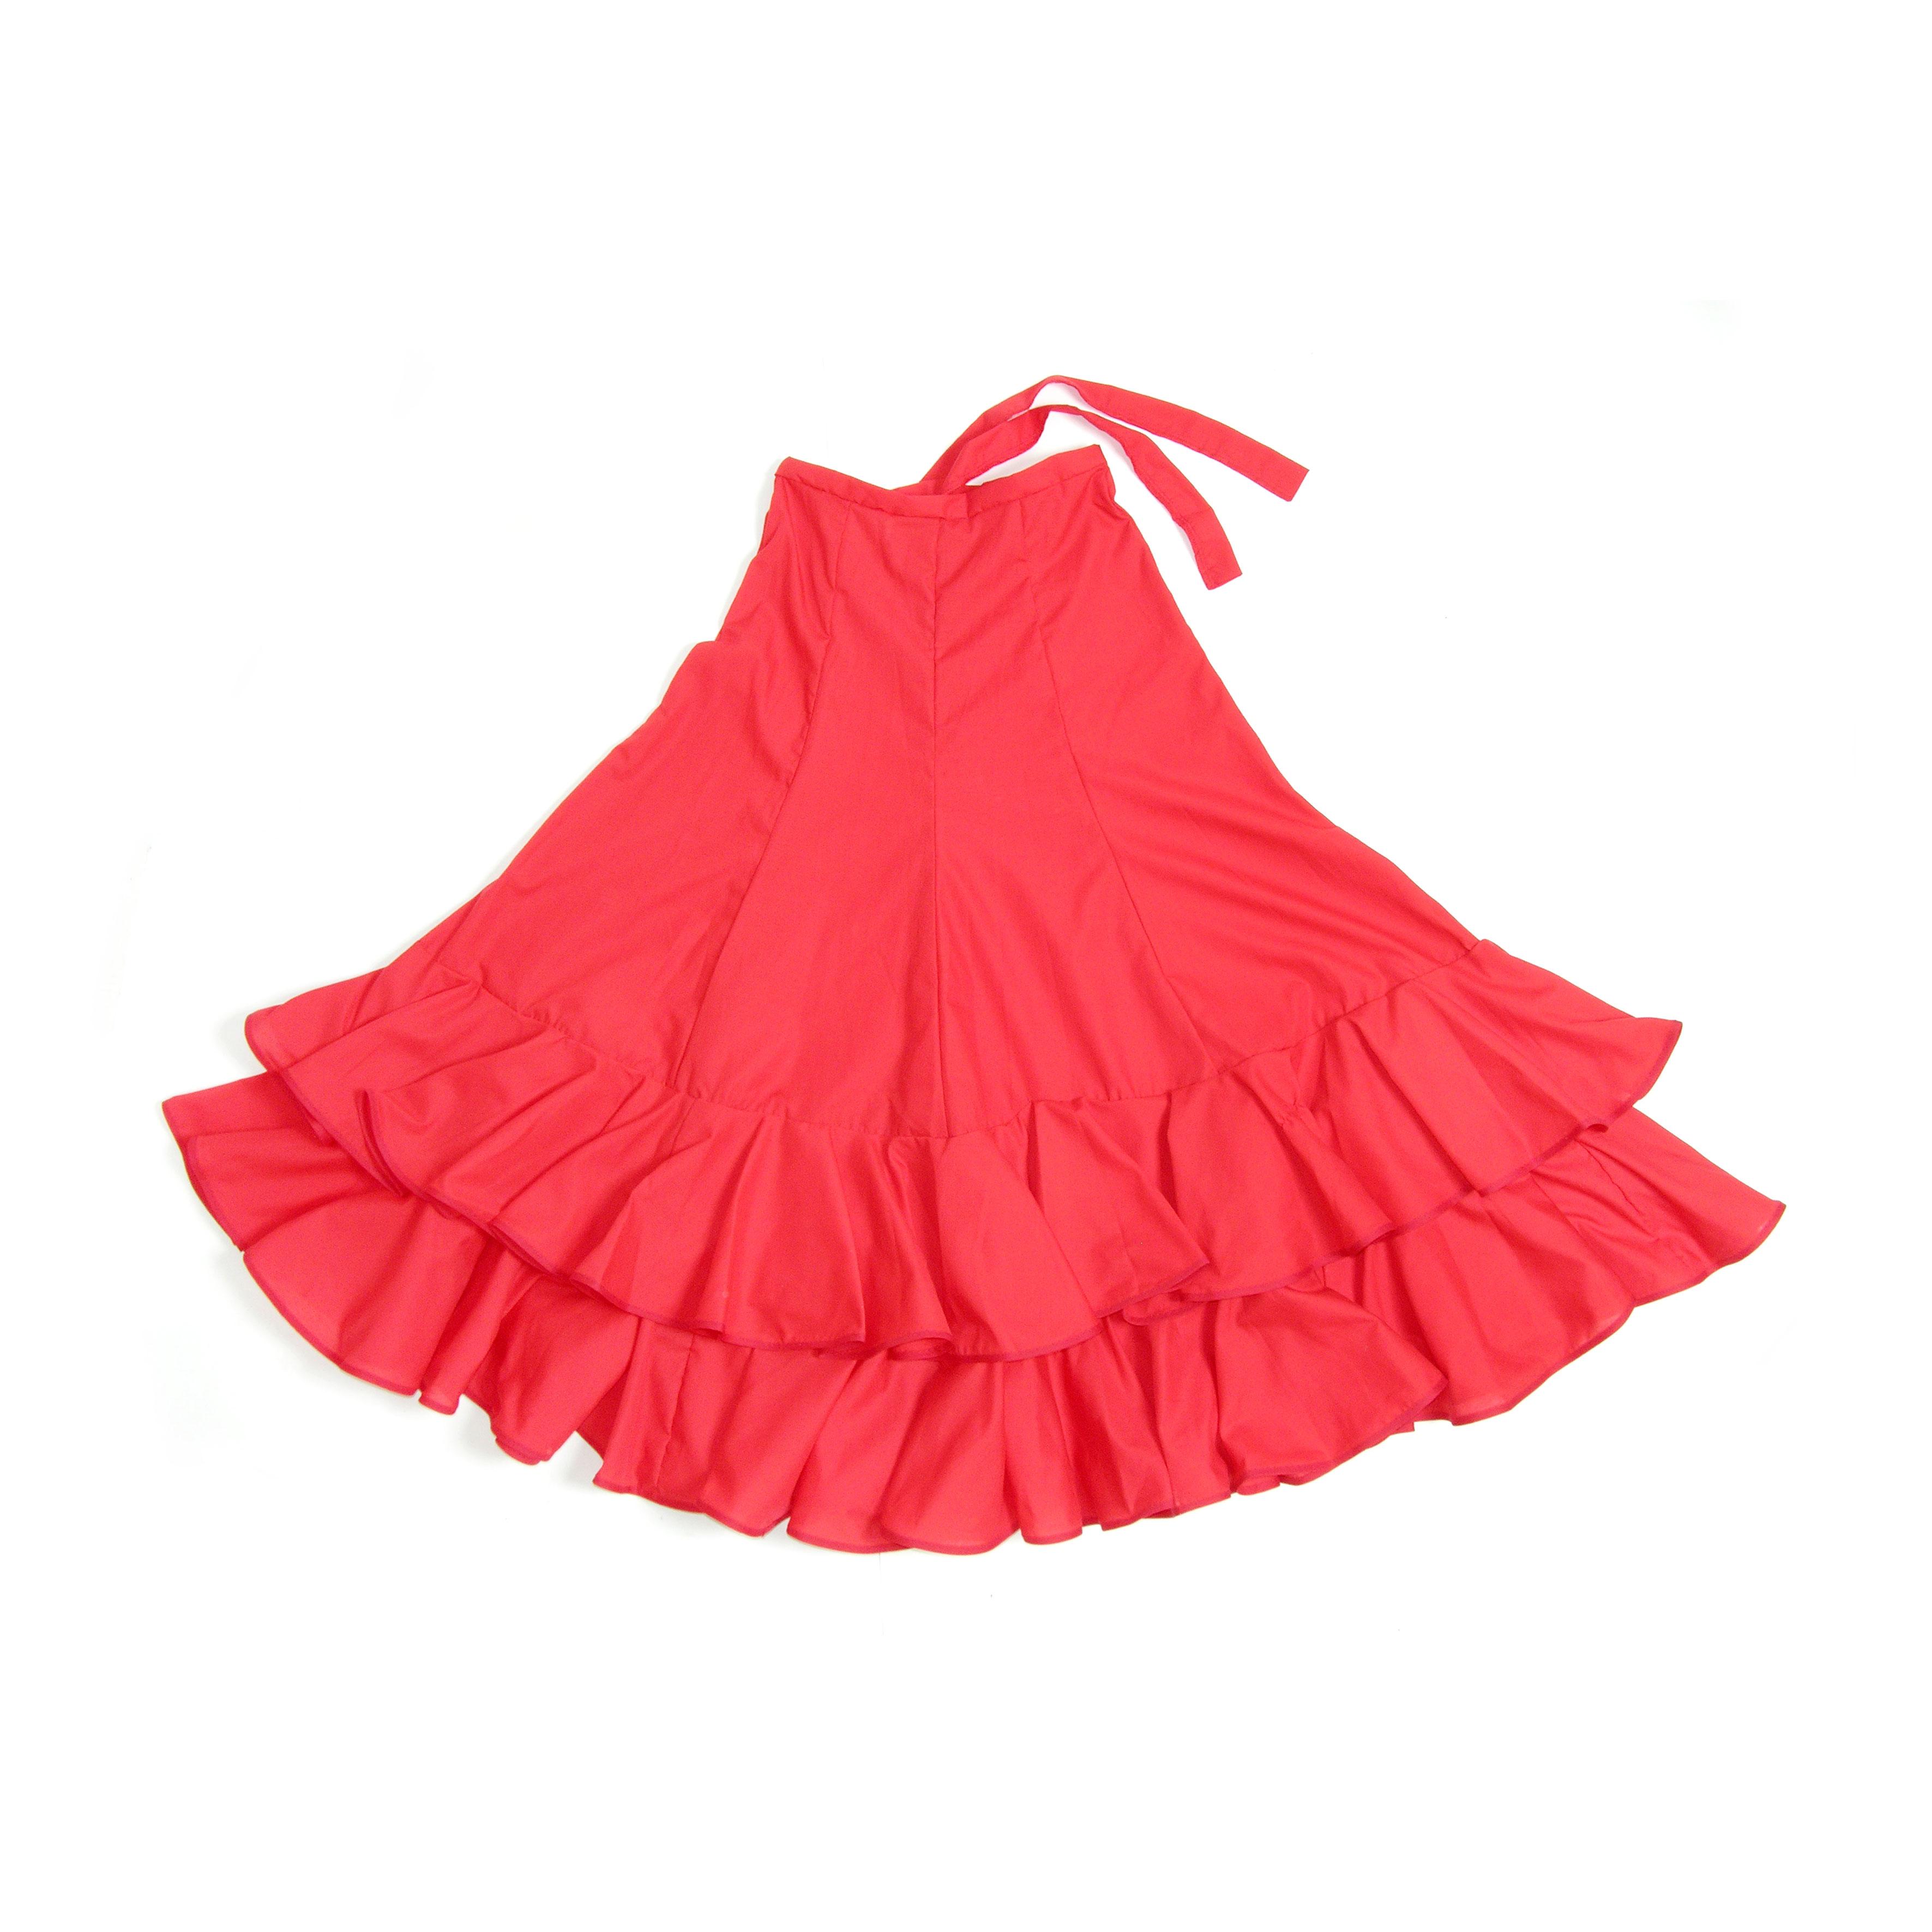 f7242d85ec Falda flamenco jersey dama cadera